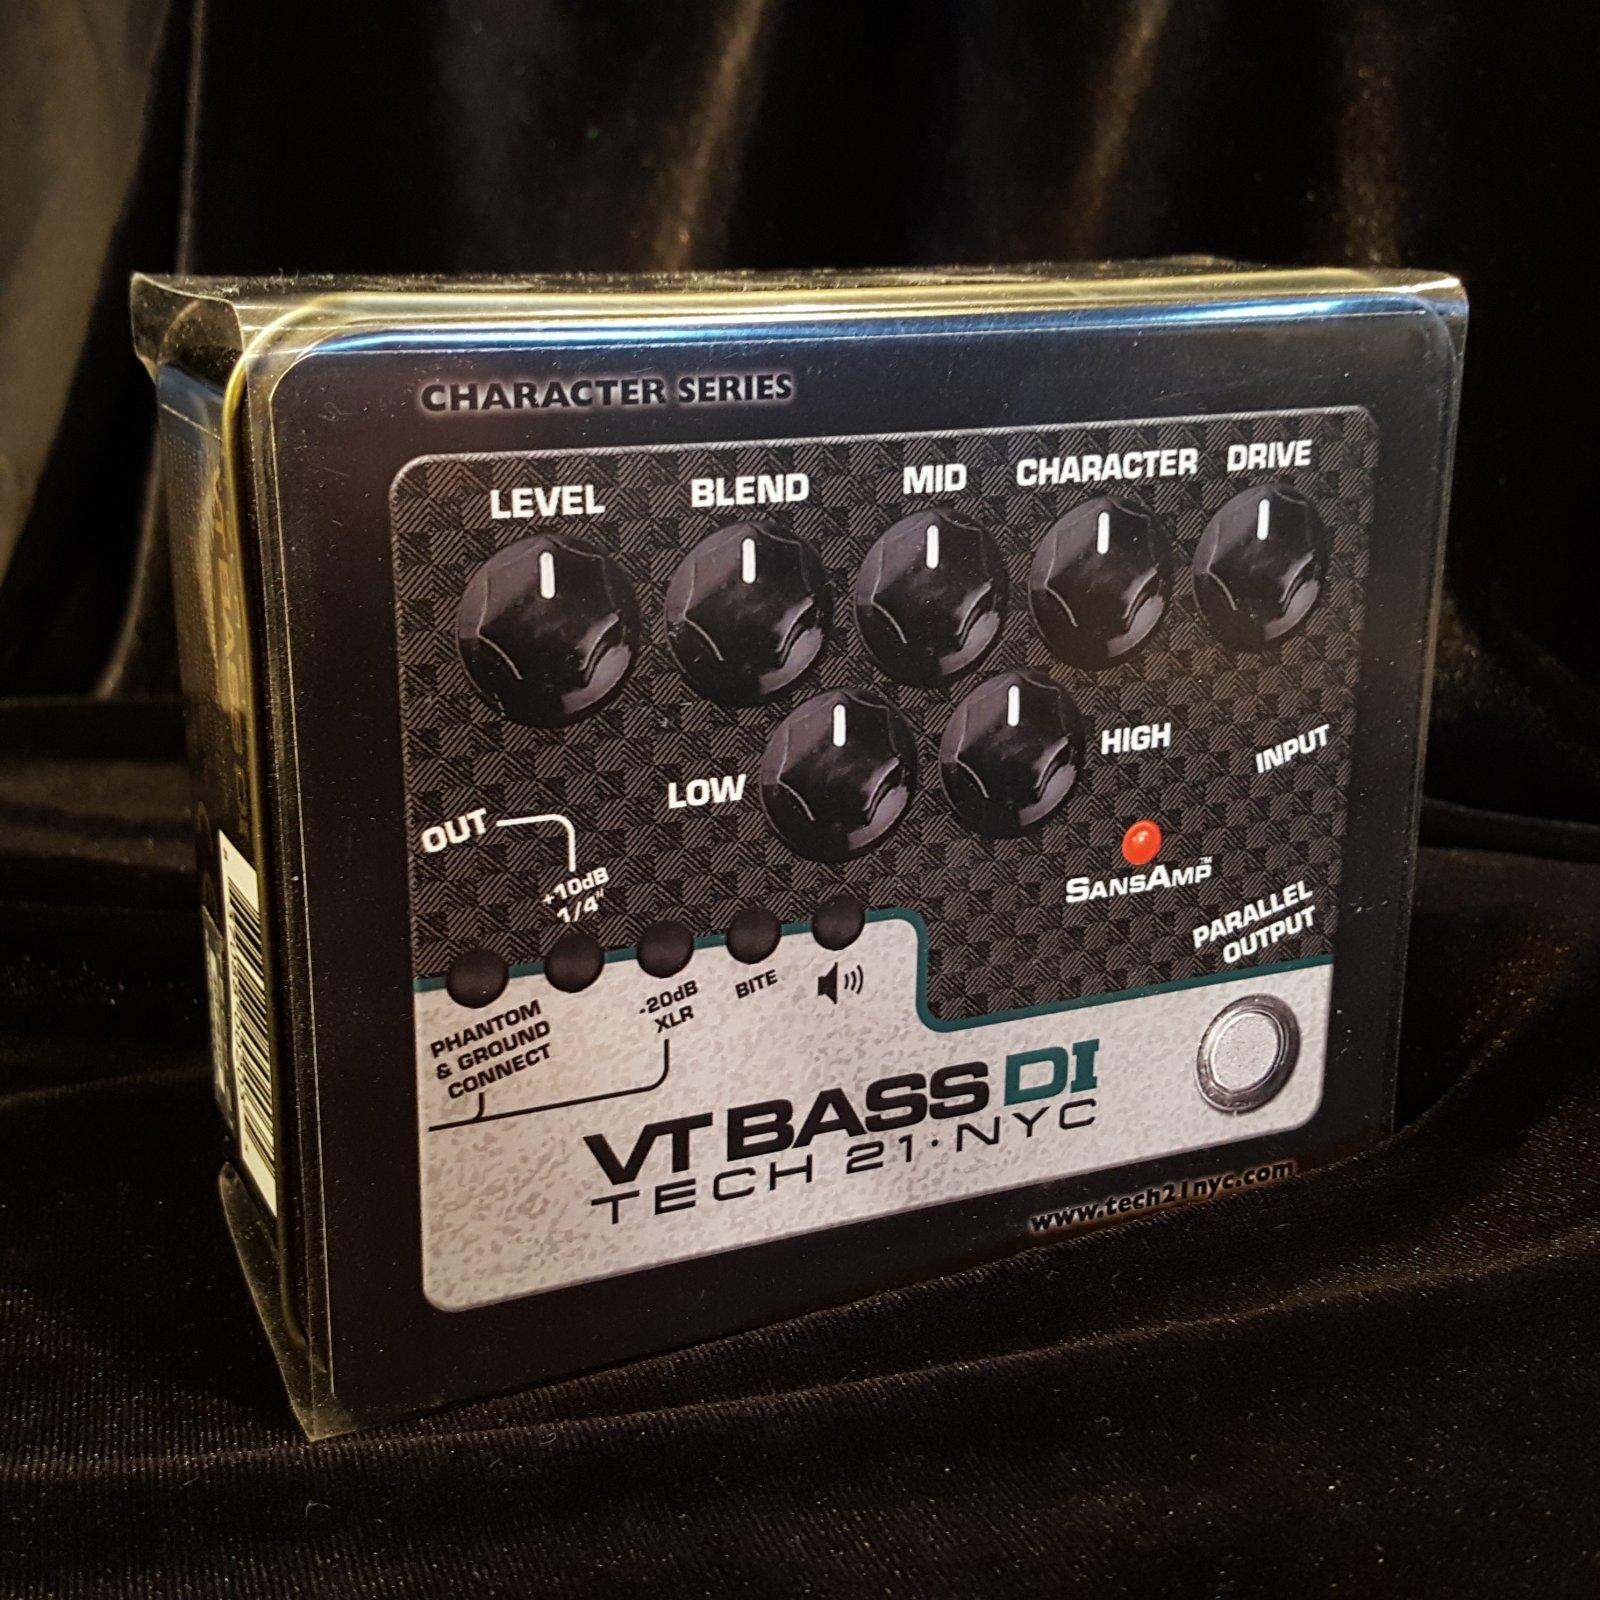 Tech 21 VT Bass Driver DI Sans Amp